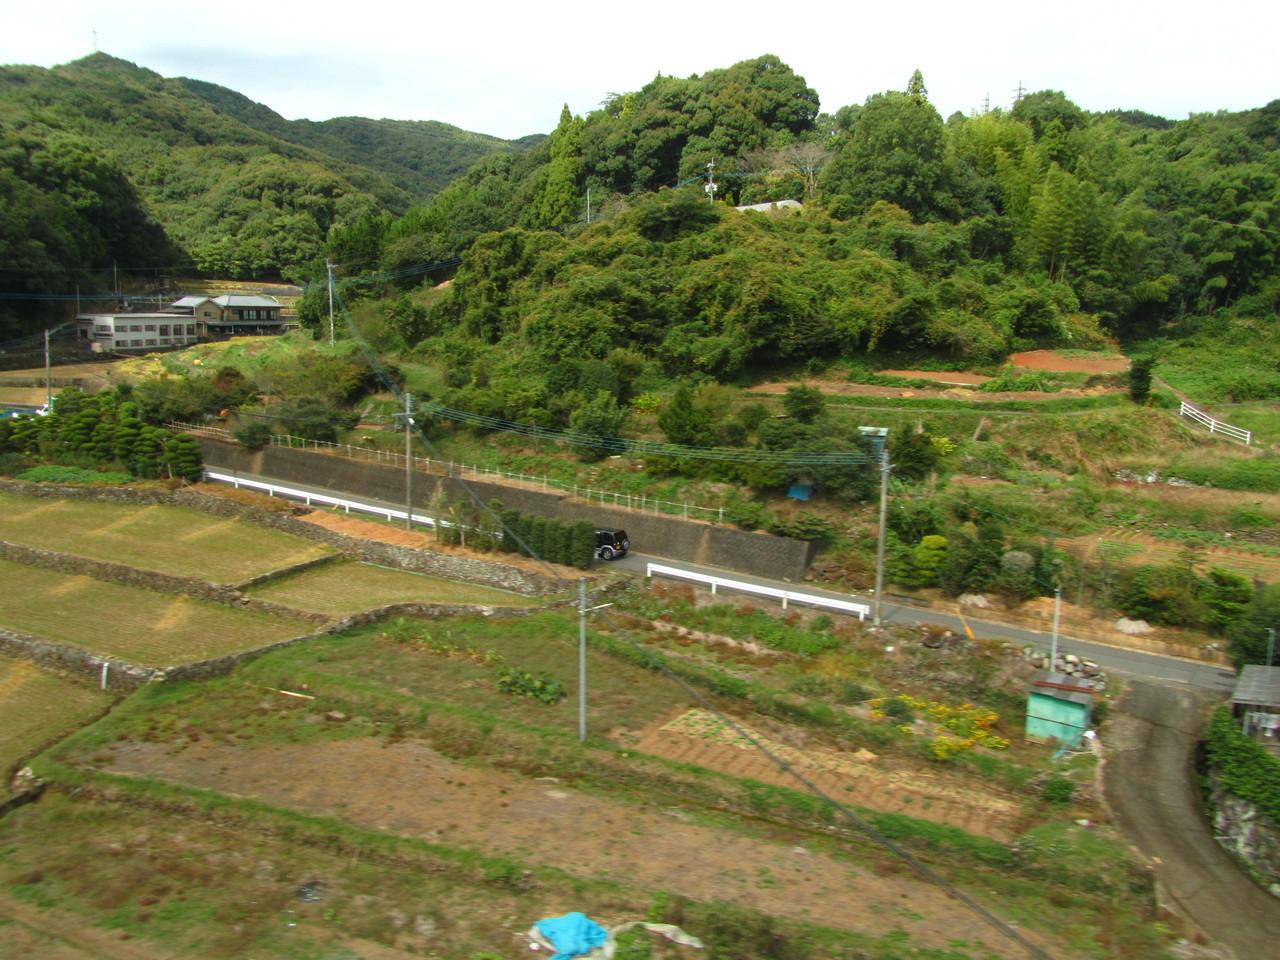 鉄路の響きを追って ~第二章~曇時々雨の西海路を行く V ~肥前古賀駅~                   Masahiko